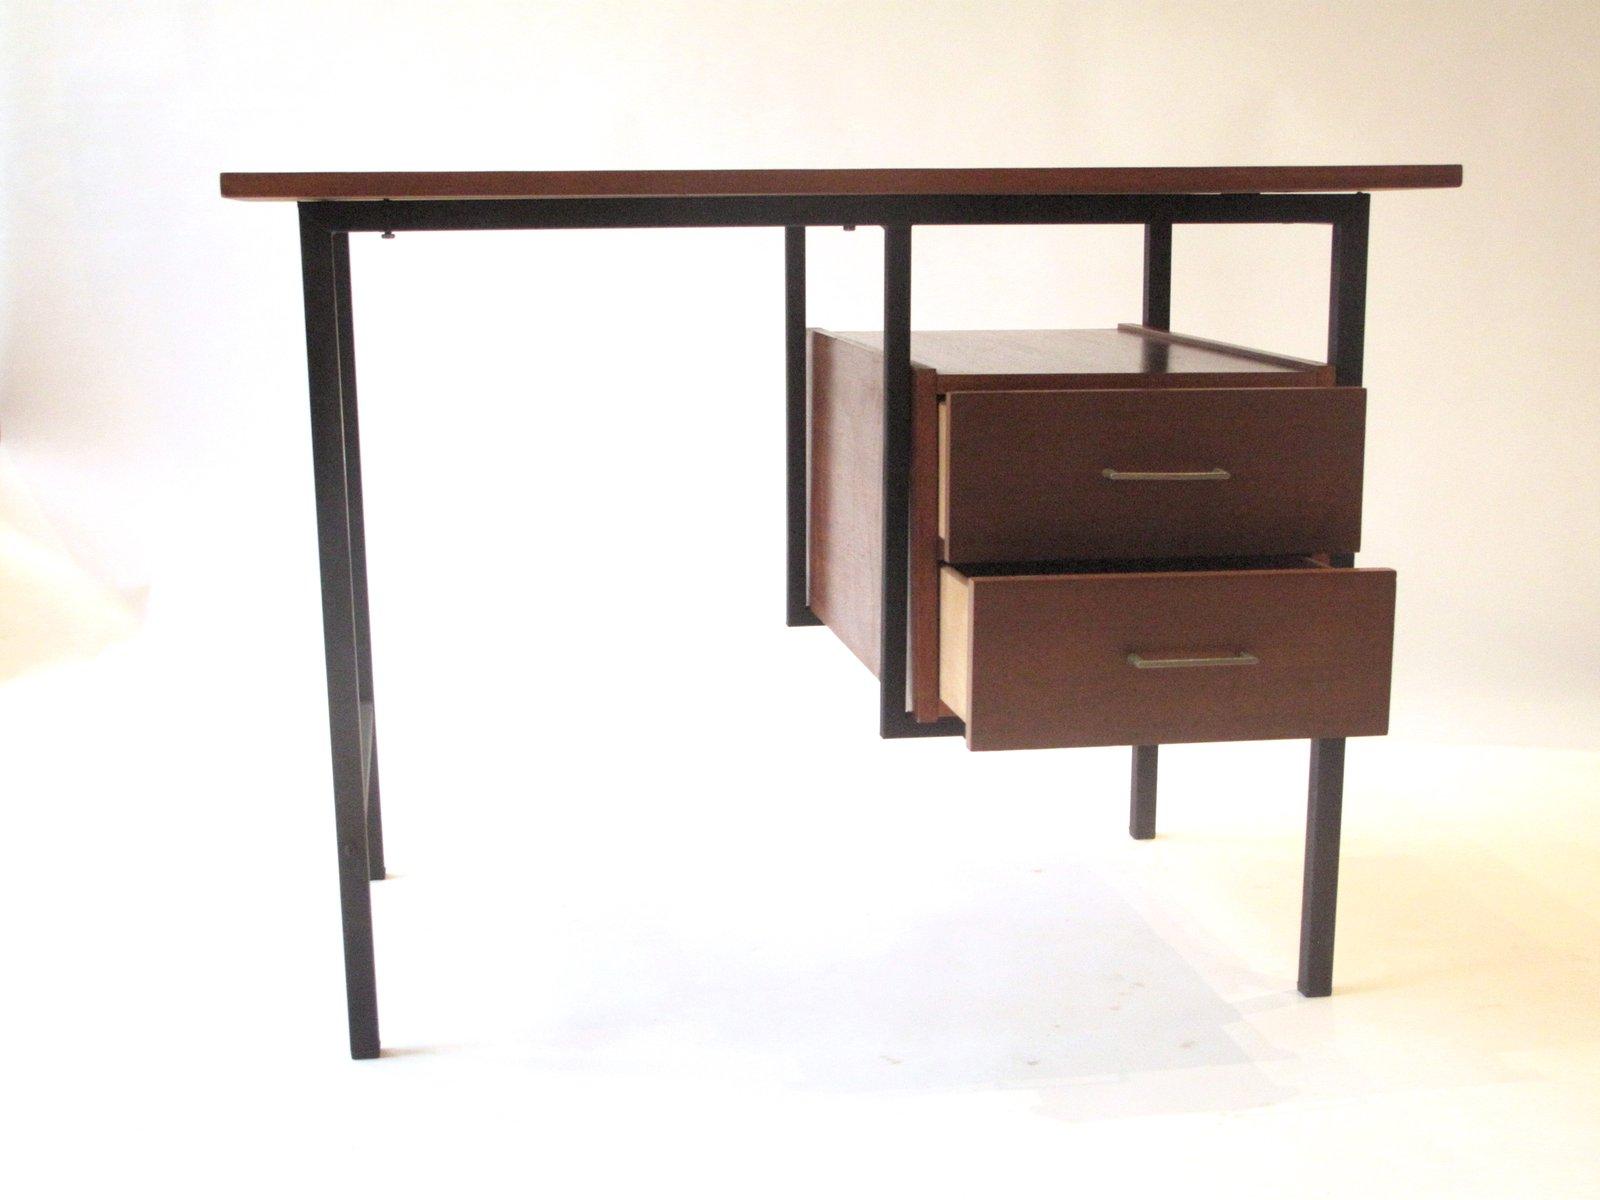 schreibtisch aus holz metall 1960er bei pamono kaufen. Black Bedroom Furniture Sets. Home Design Ideas